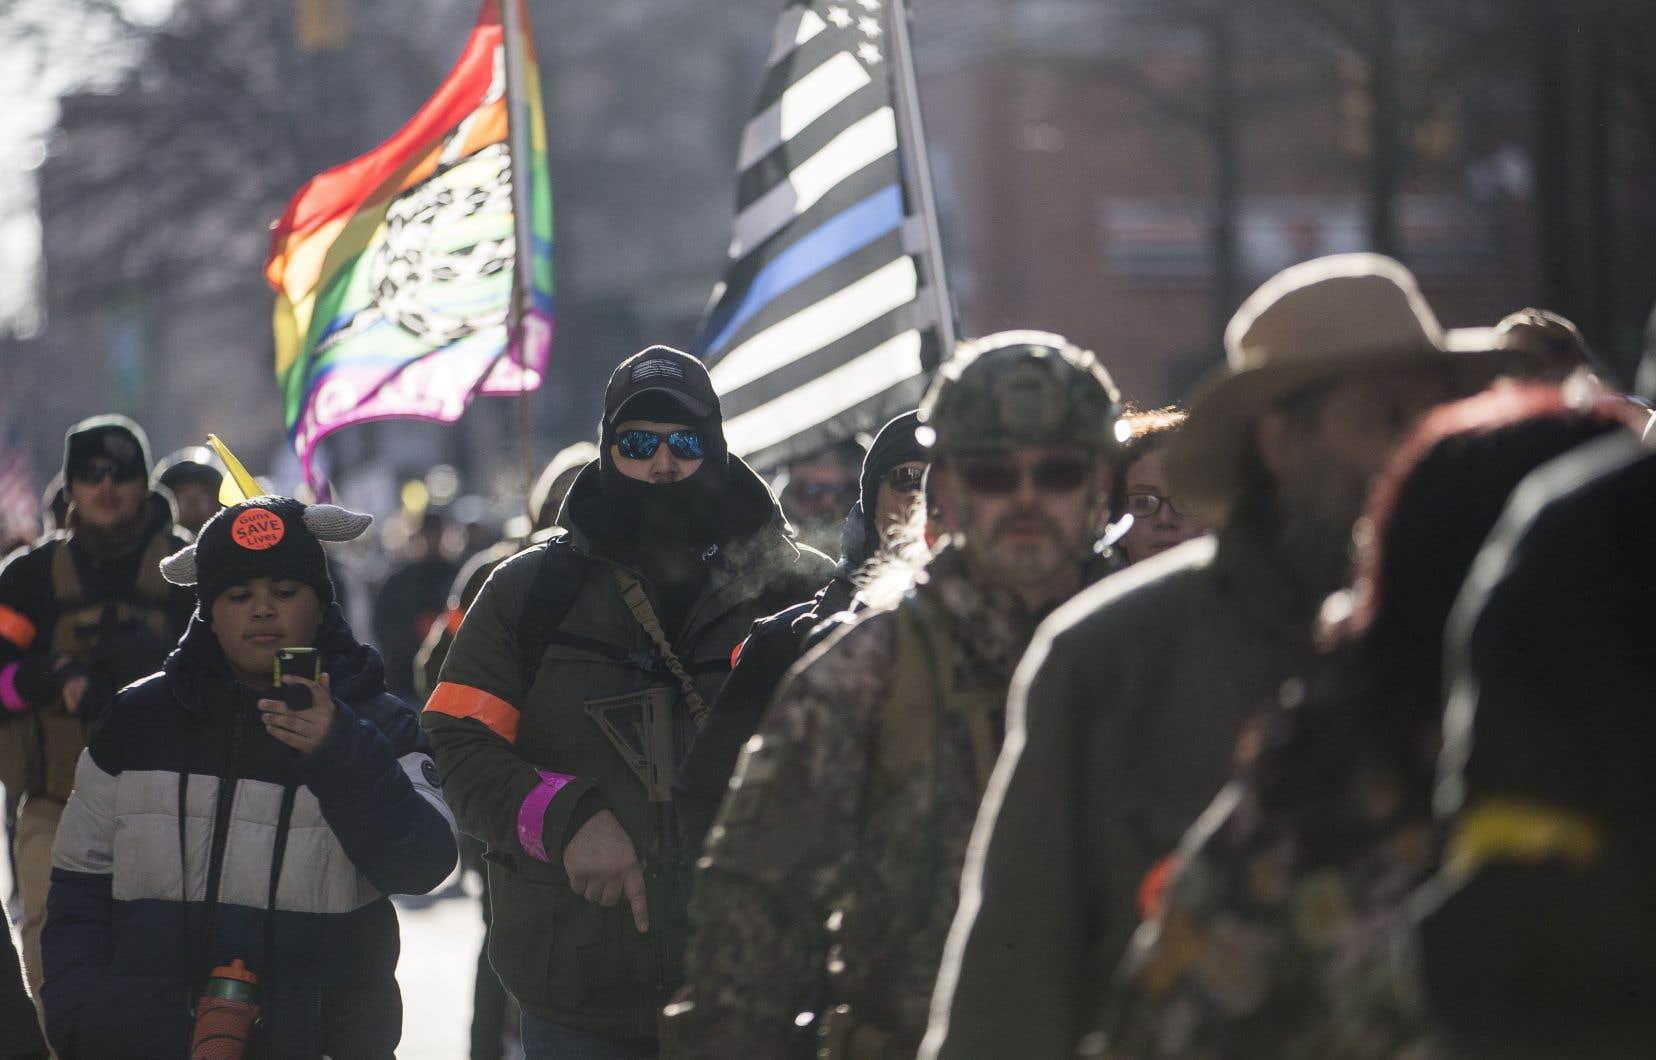 «USA! USA!», scandaient les protestataires, pour beaucoup vêtus de blousons de chasse.